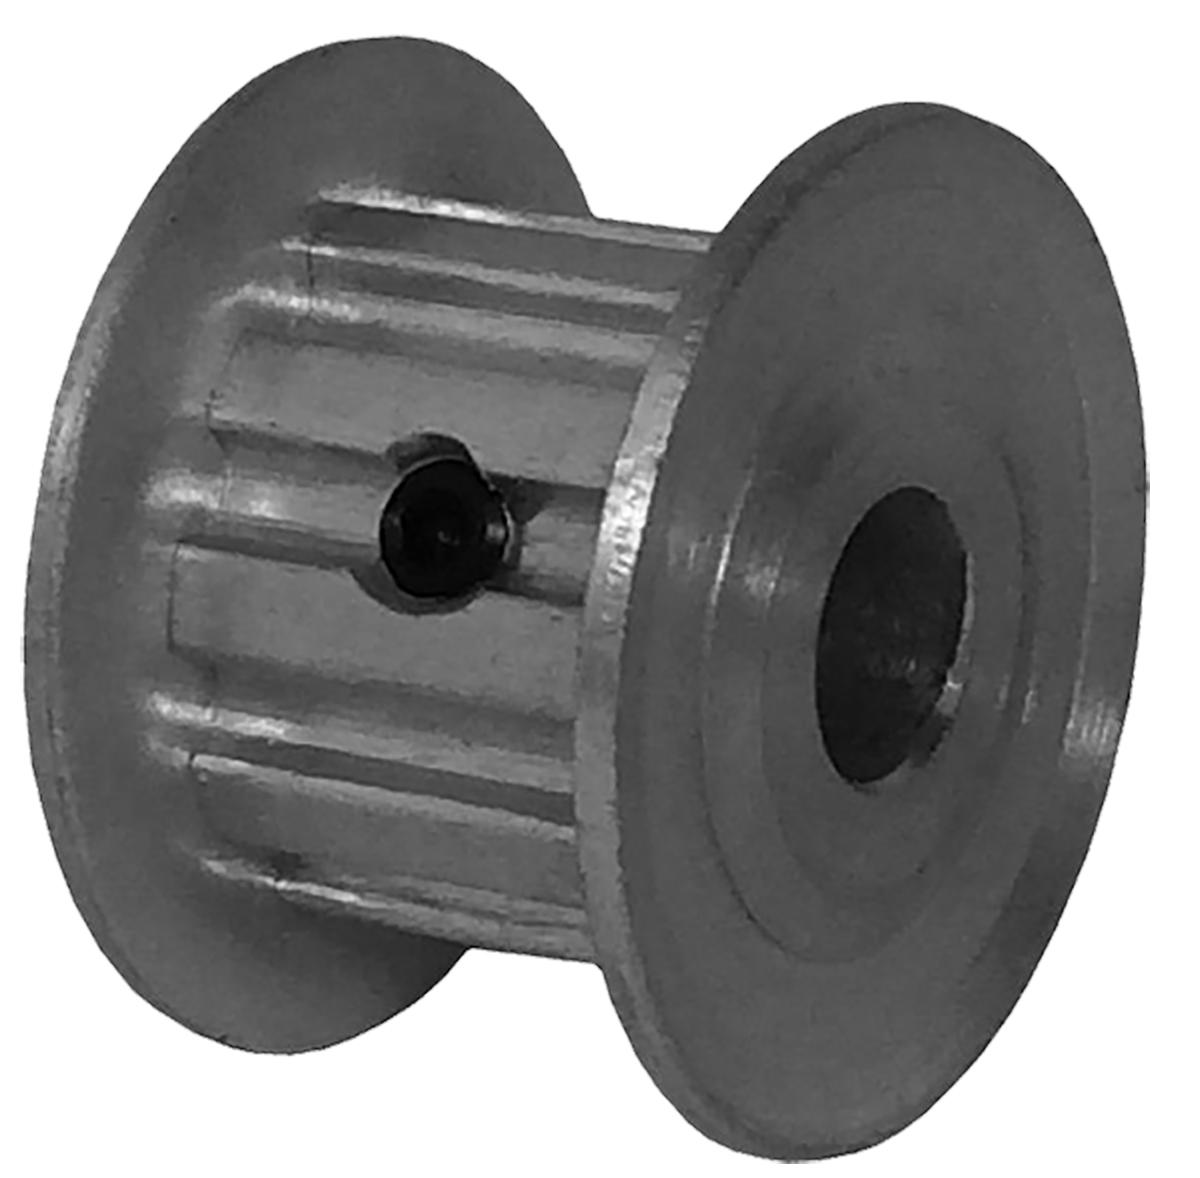 10XL037M3FA6 - Aluminum Metric Pulleys